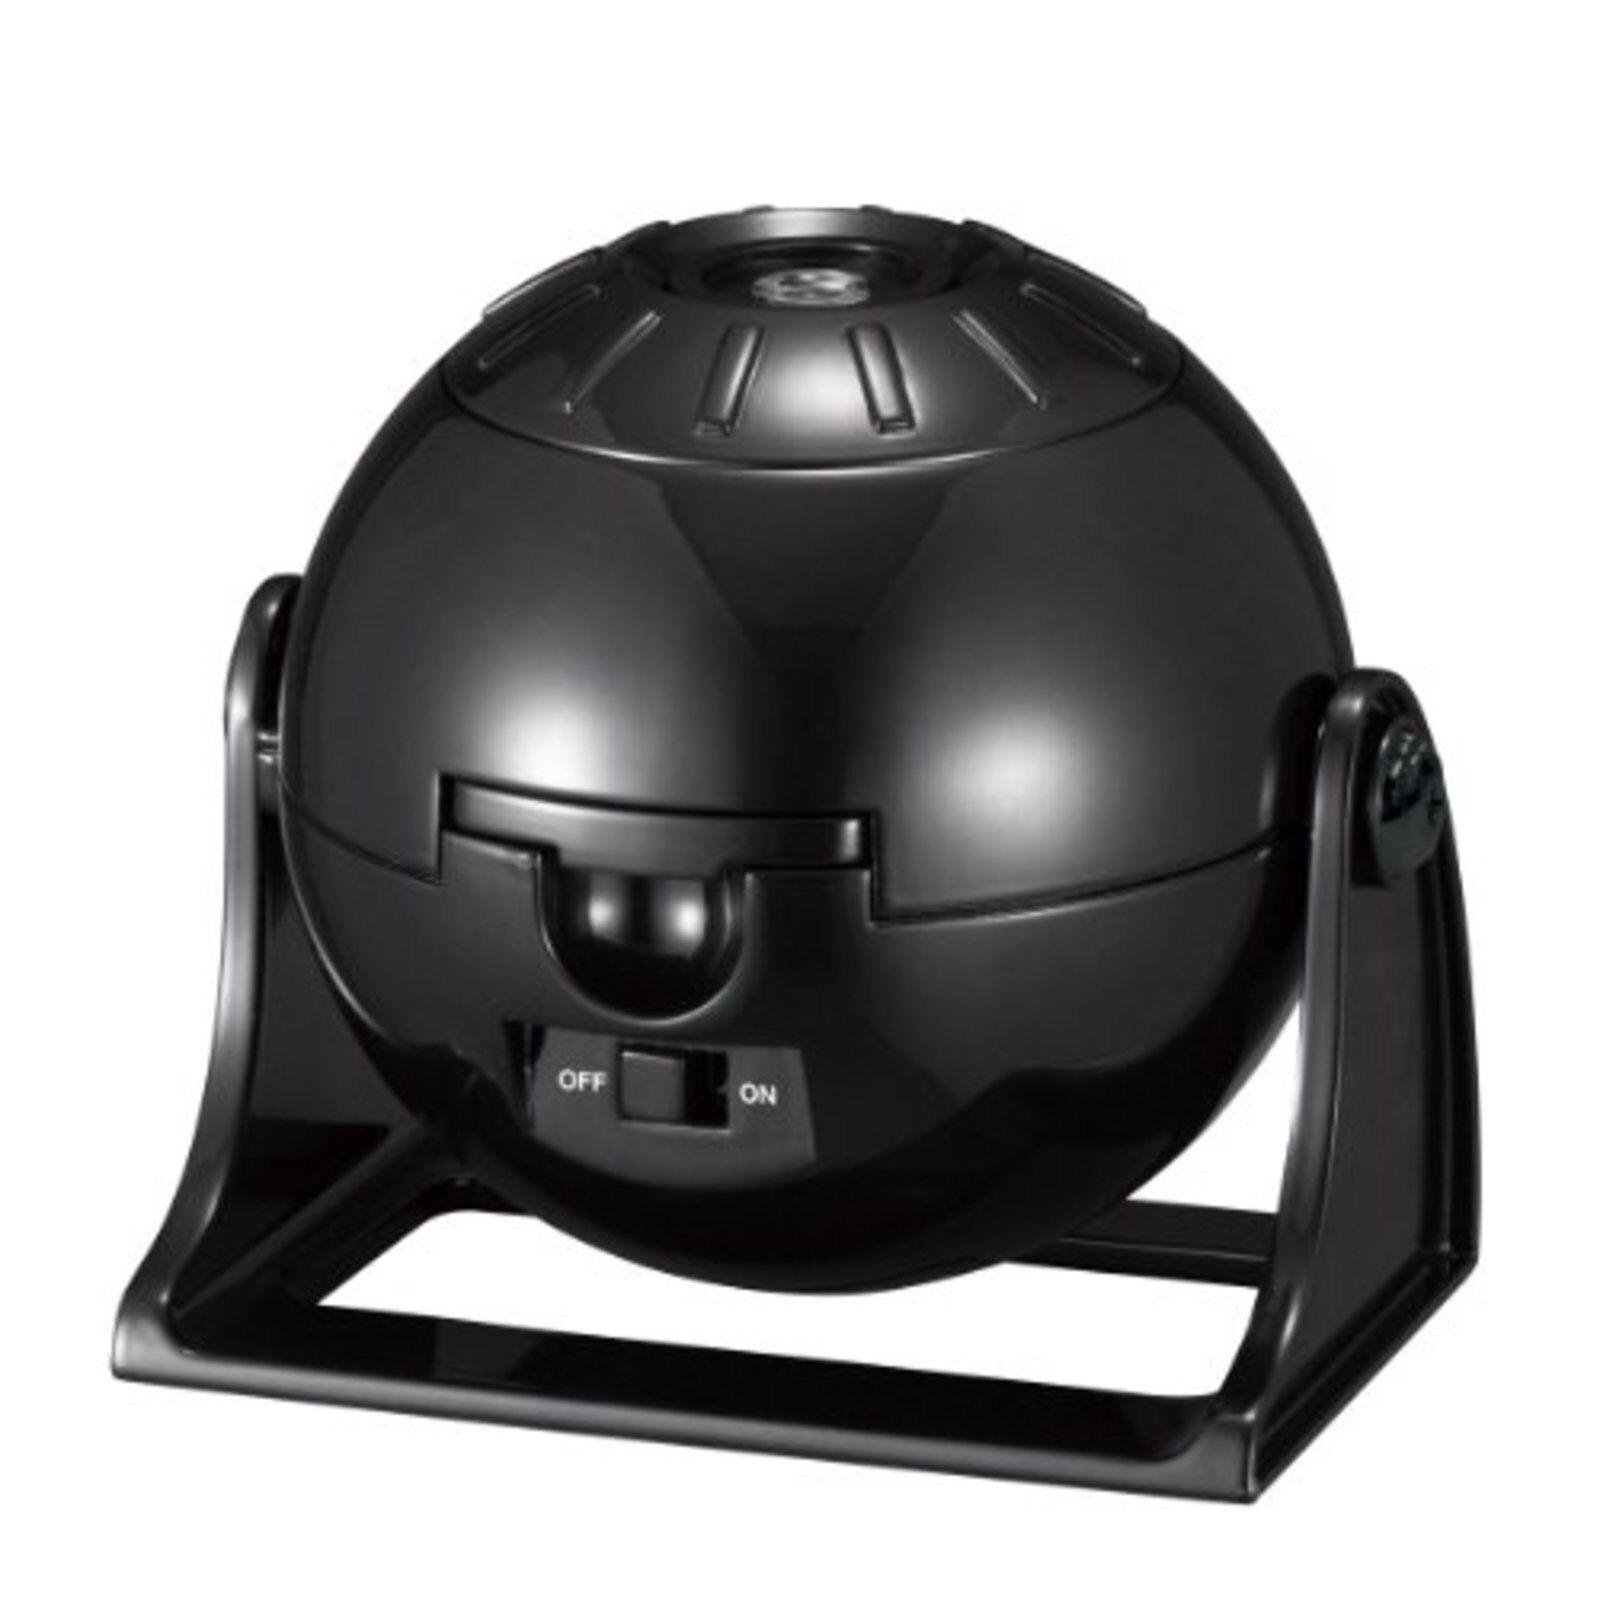 Sega Juguetes HomeEstrella Luz Negro hogar planetario envío gratuito con nº de seguimiento nuevo Japón